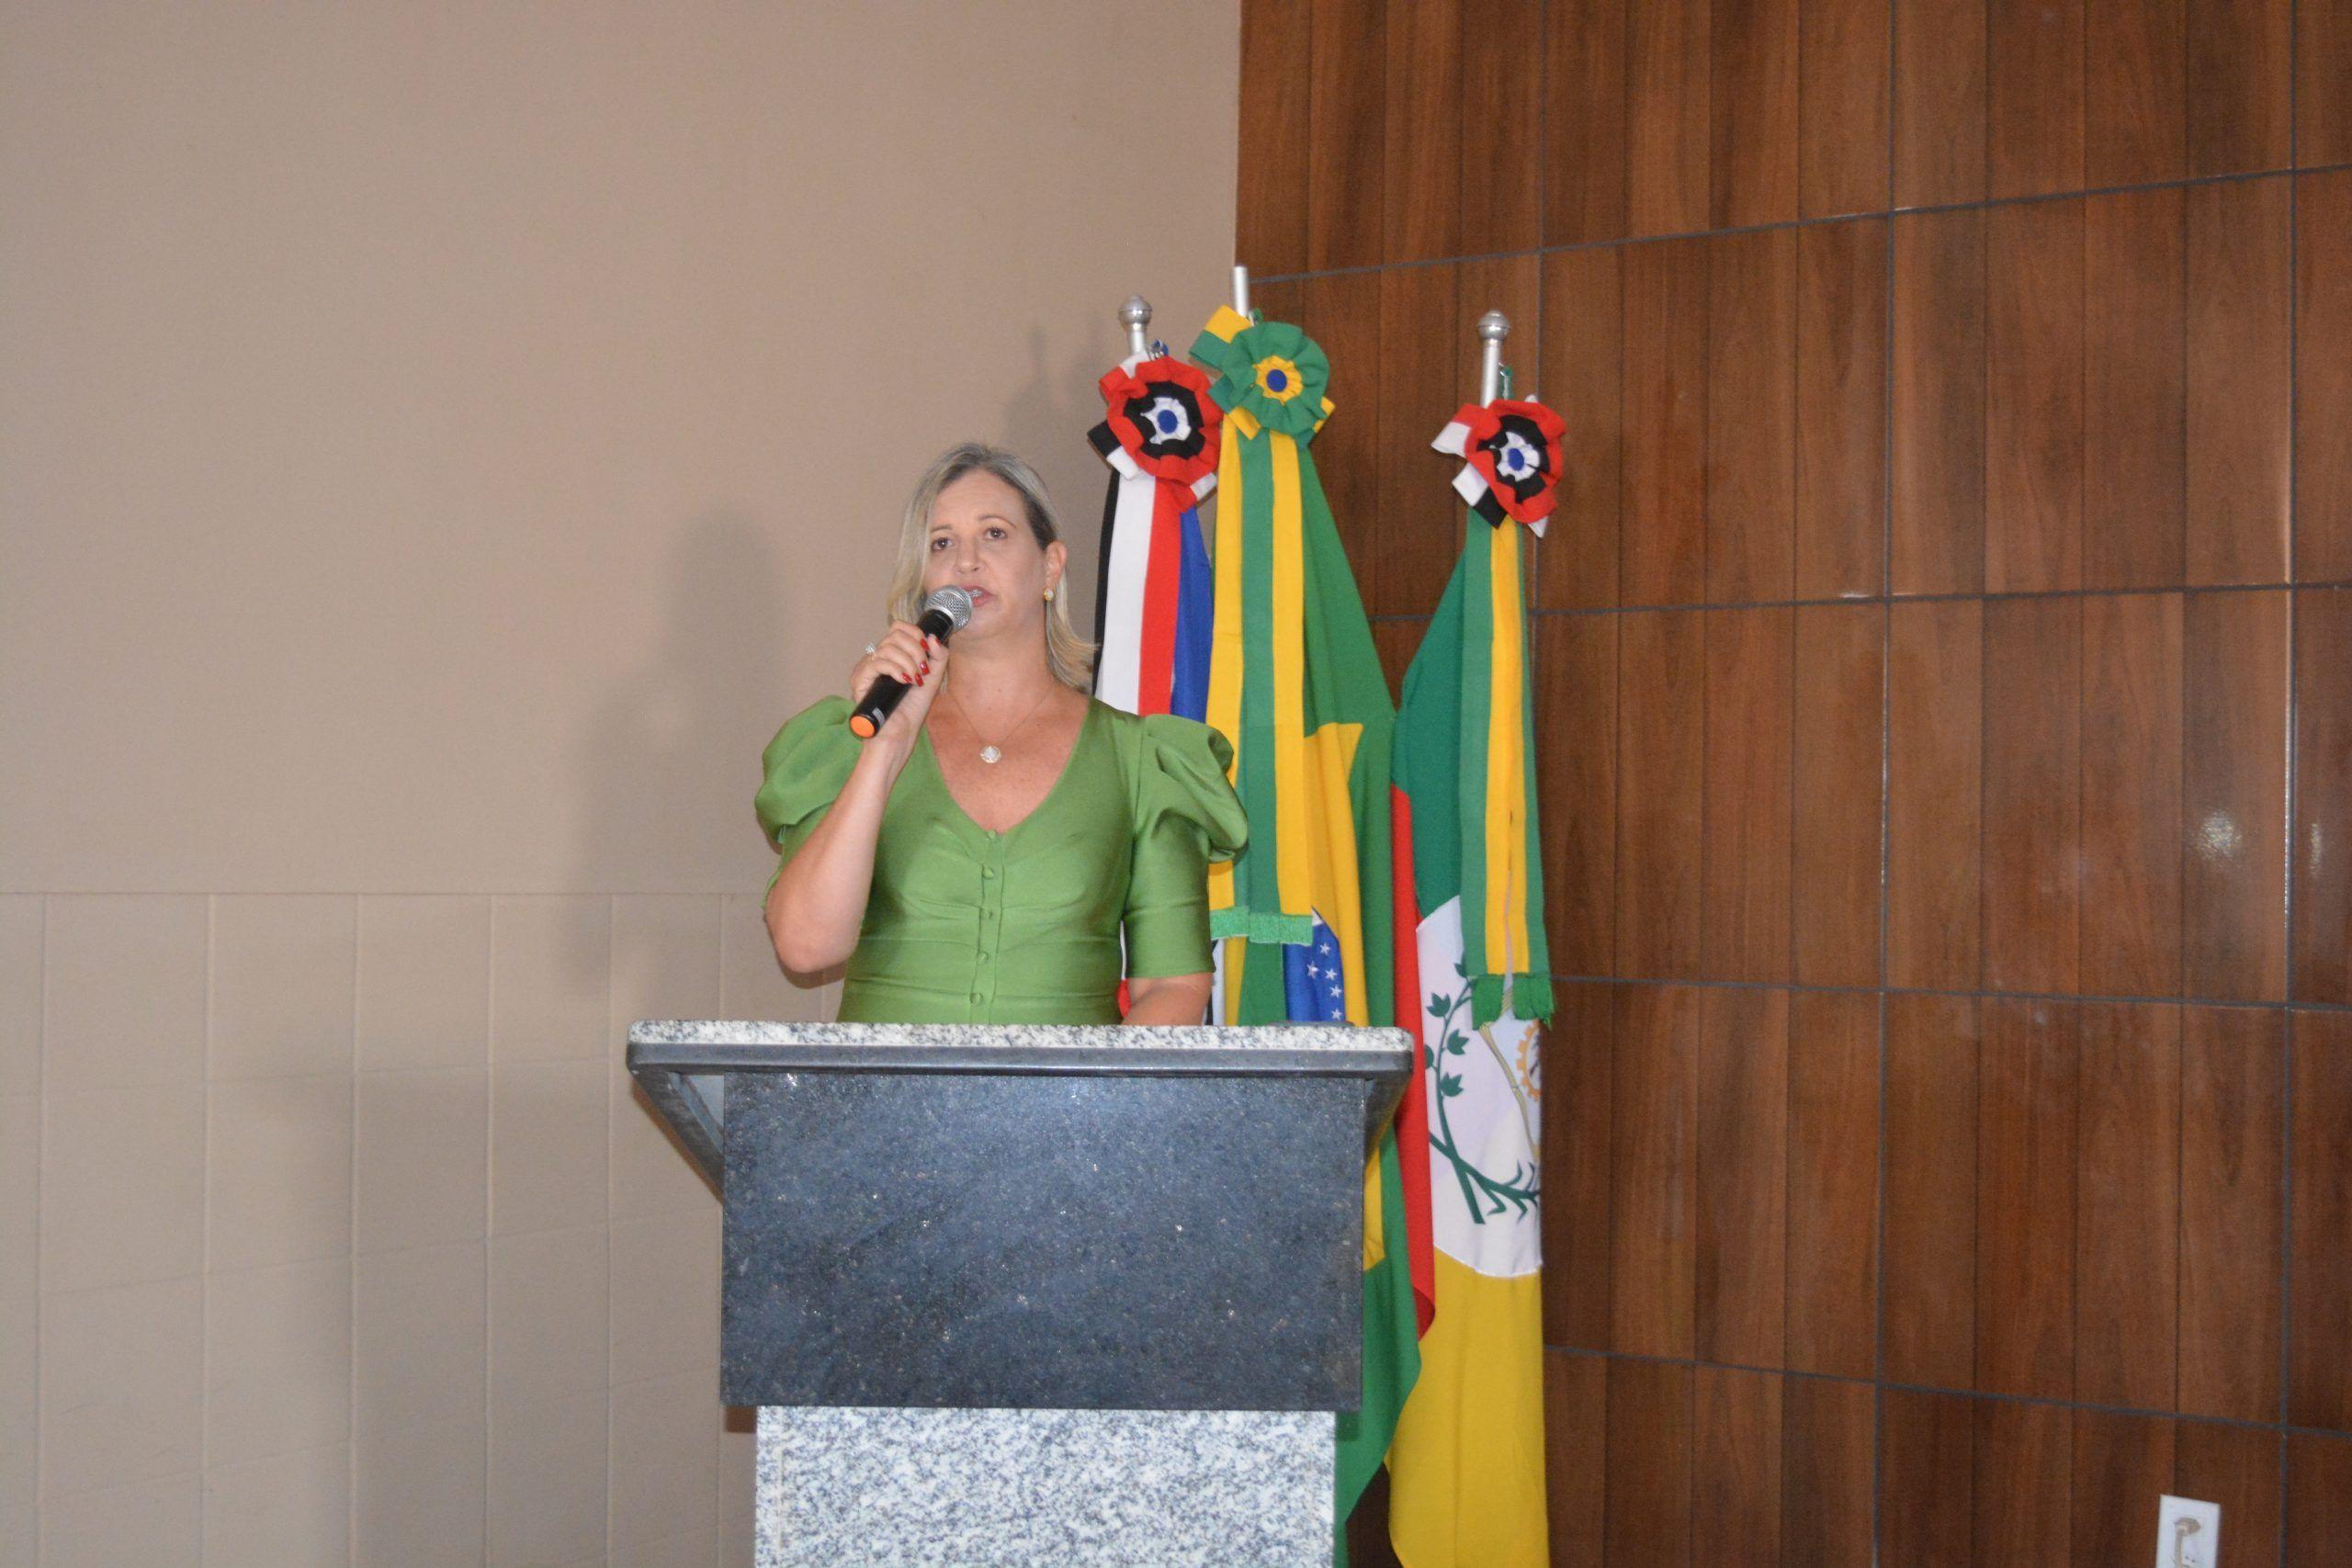 Vanessa Furtado tomou posse no cargo de prefeita de Paraibano aos 46 anos de idade